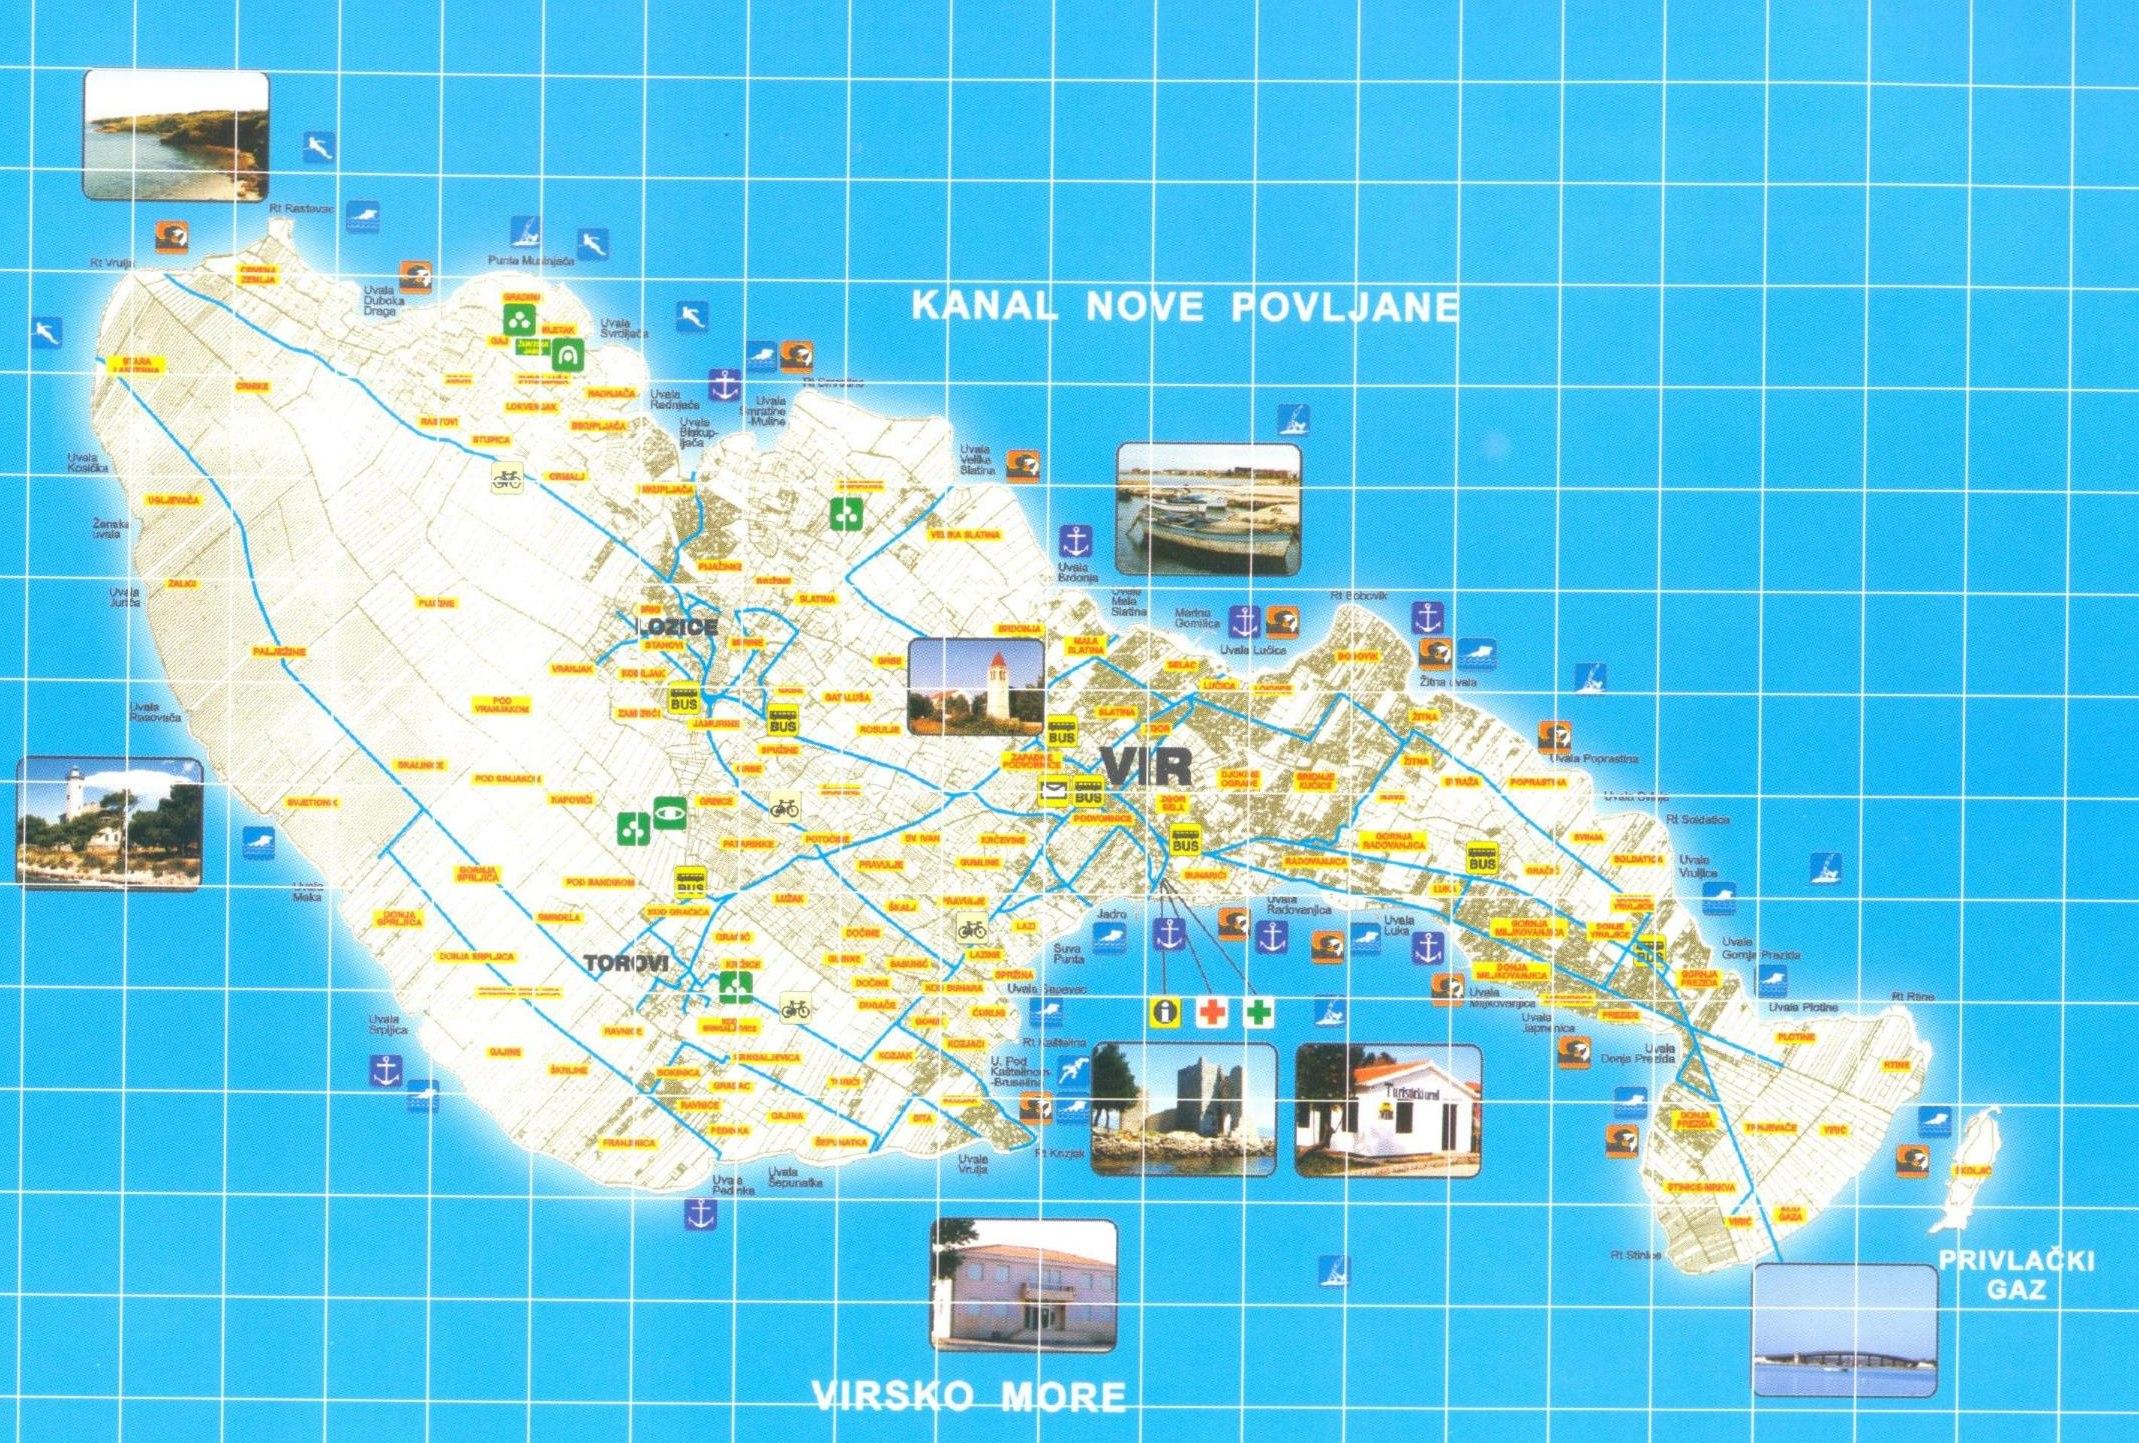 vir sziget térkép Vir sziget térképe   Szállás és látnivaló, nyaralás és utazás  vir sziget térkép